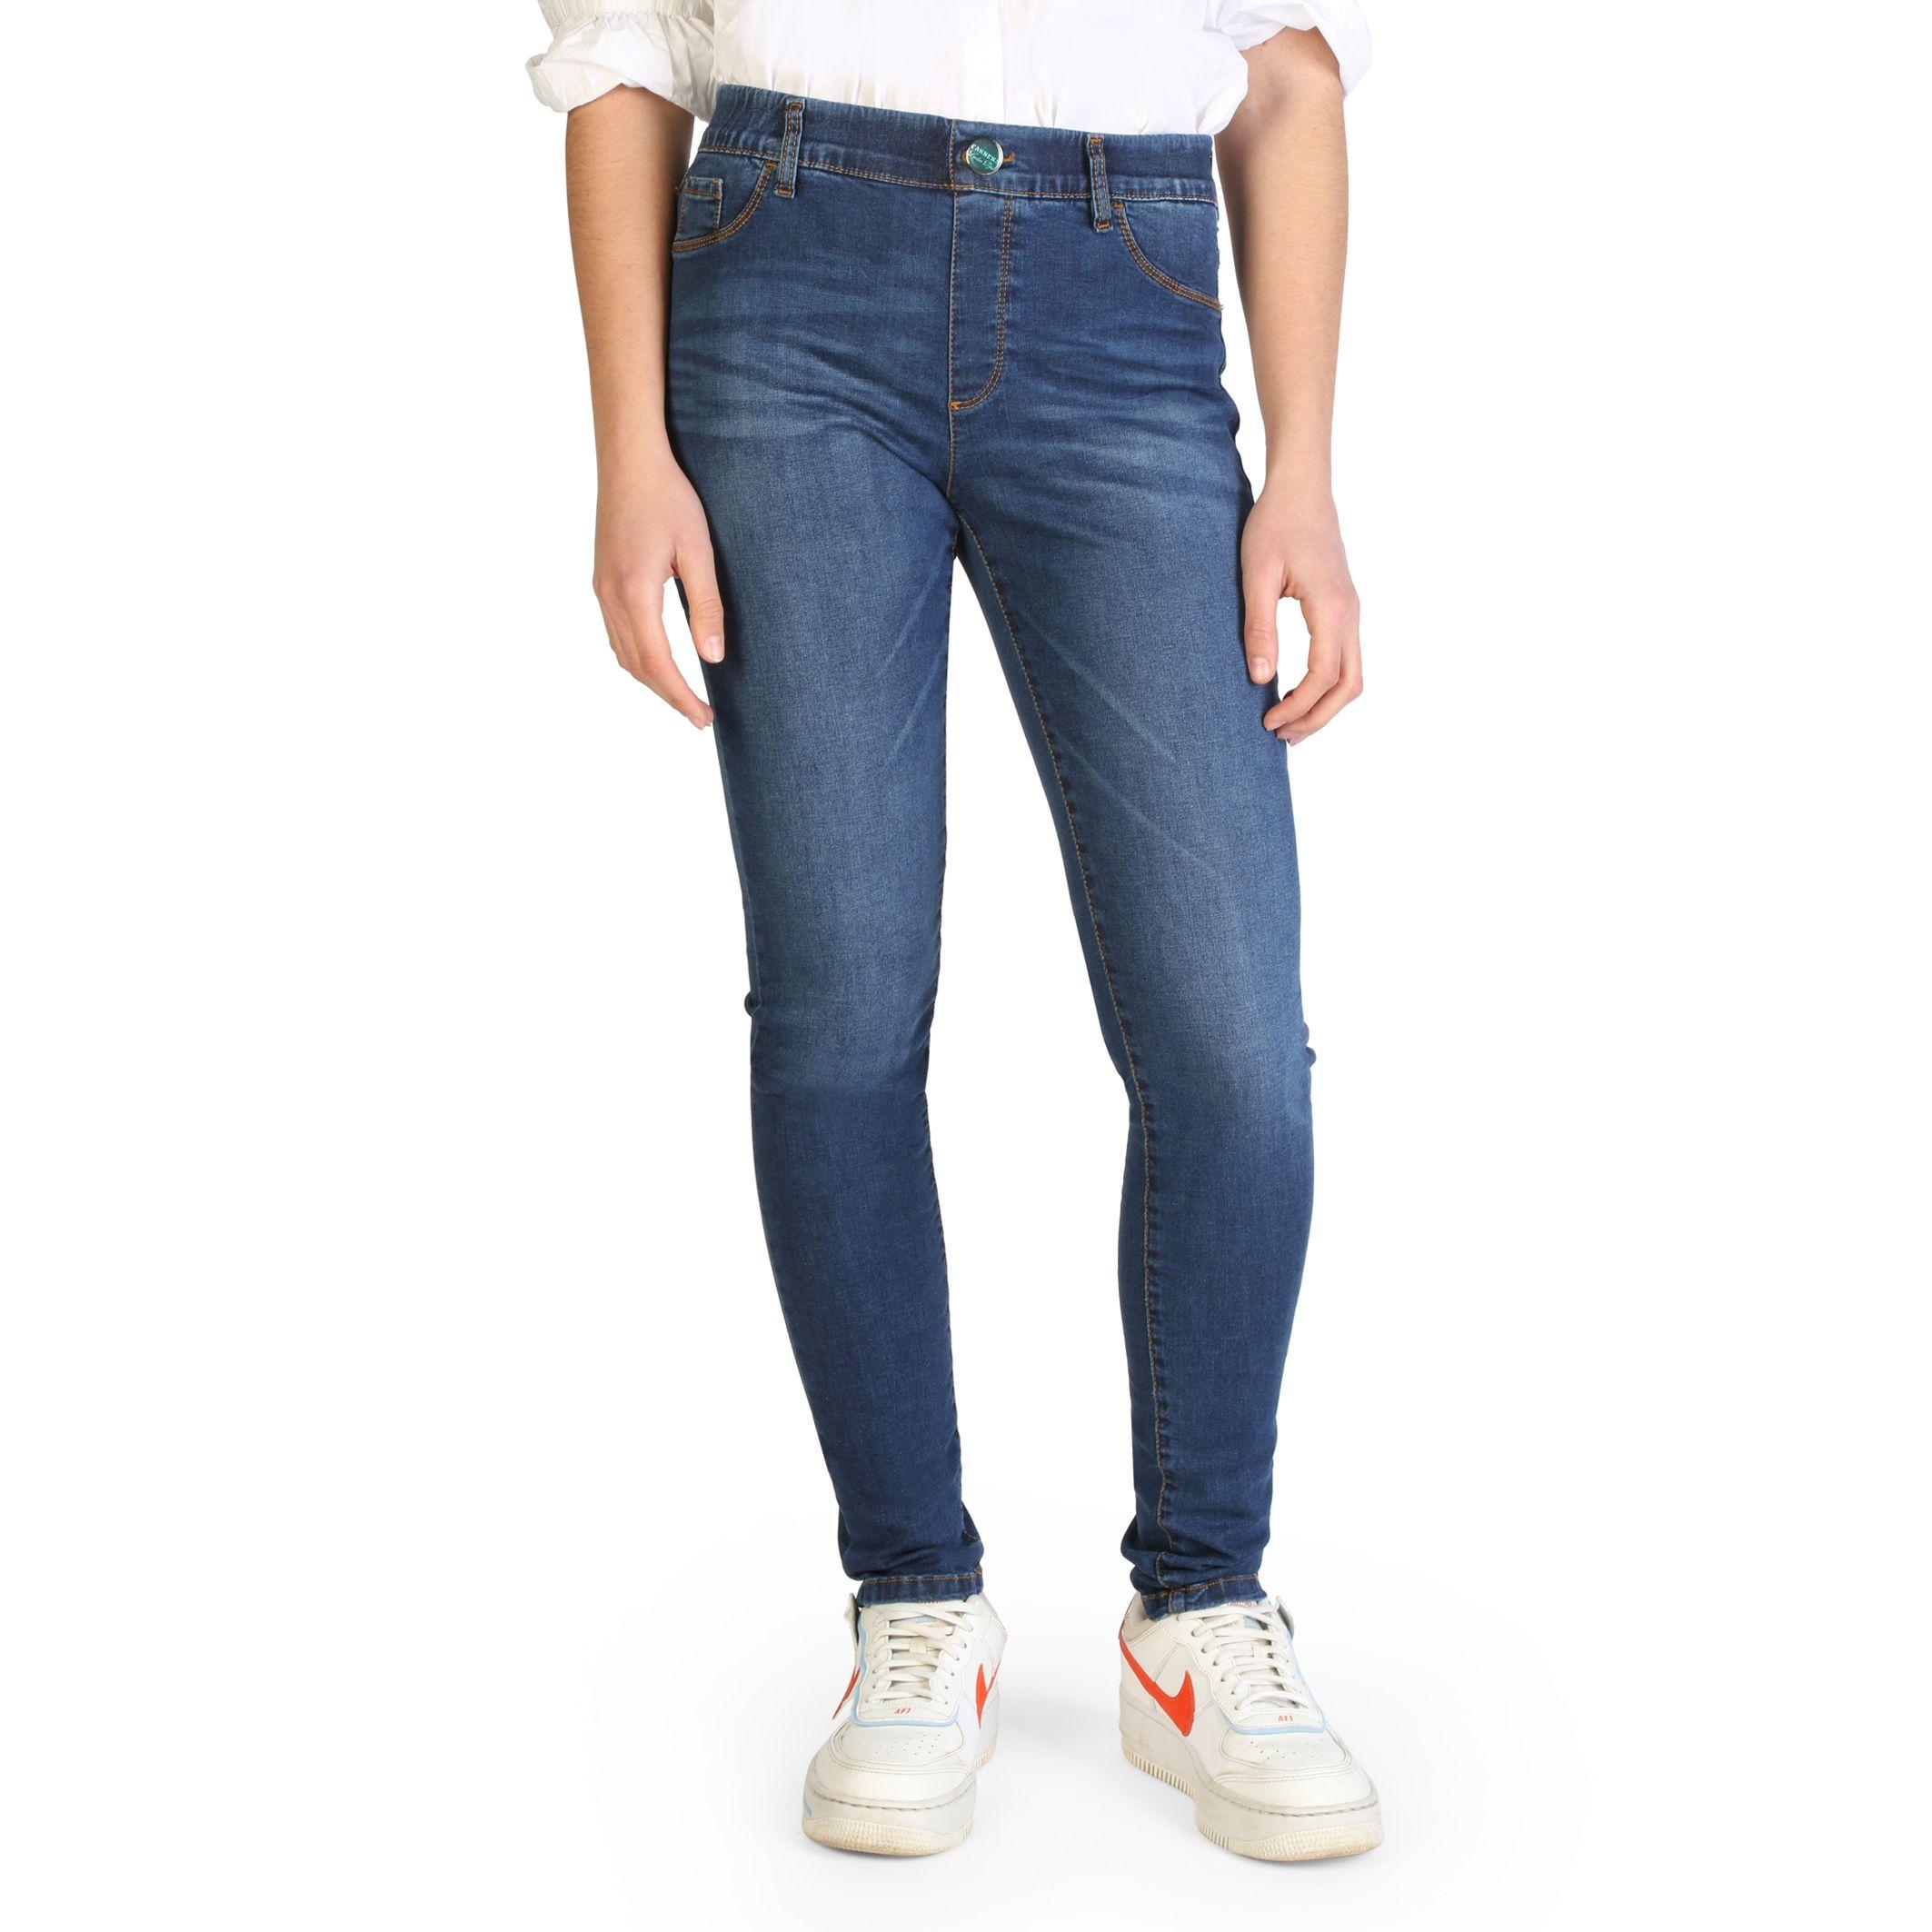 Carrera Jeans767L-833AL